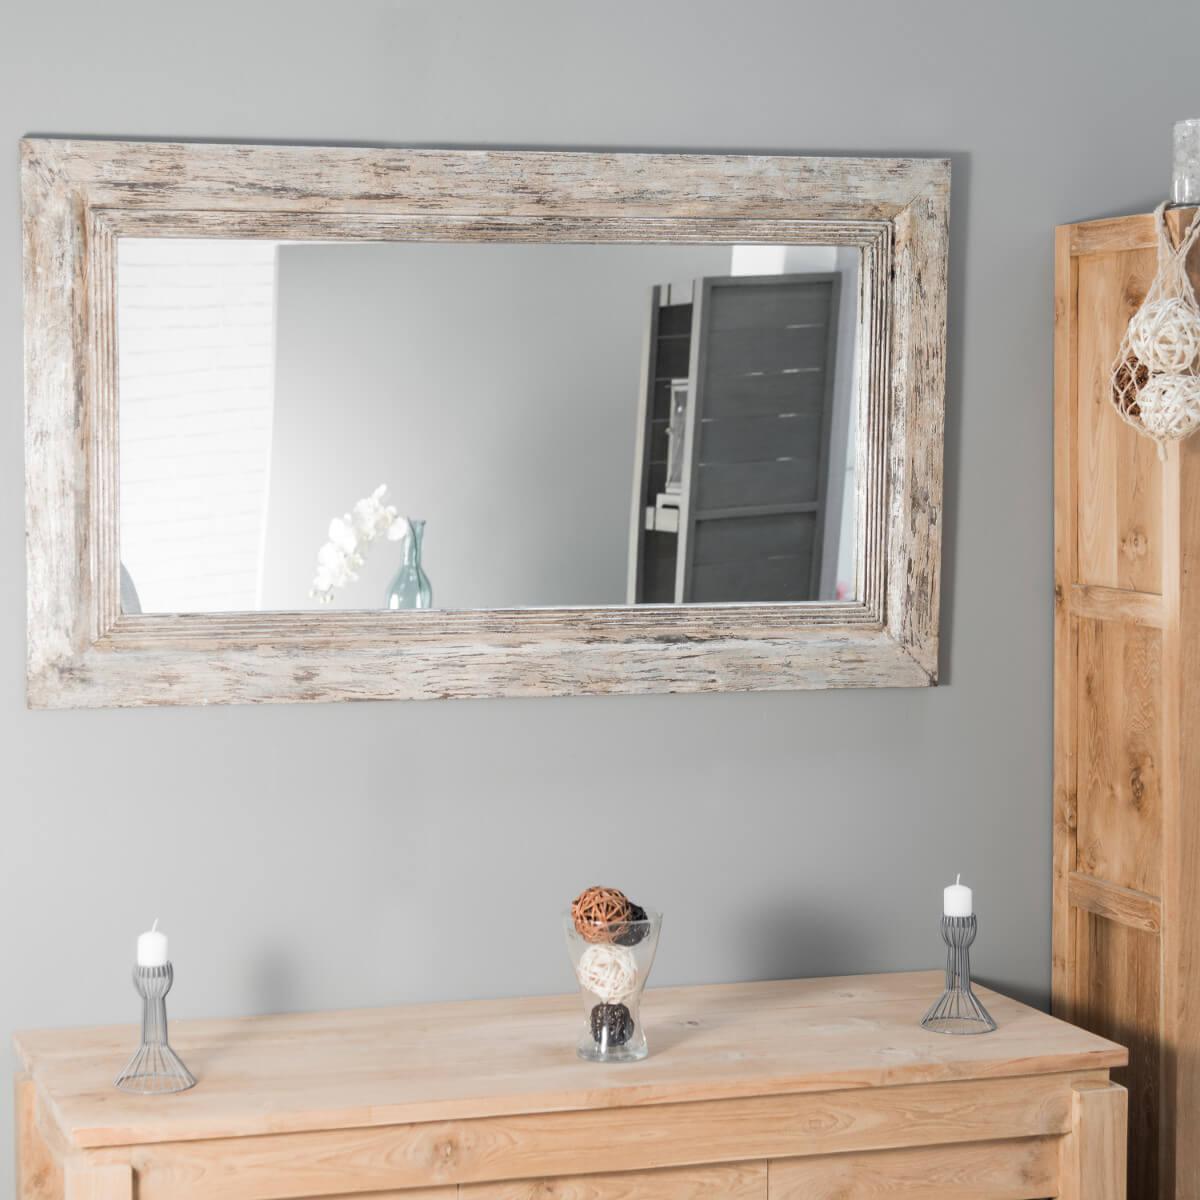 Miroir venise en bois patin 140cm x 80cm for Miroir en bois